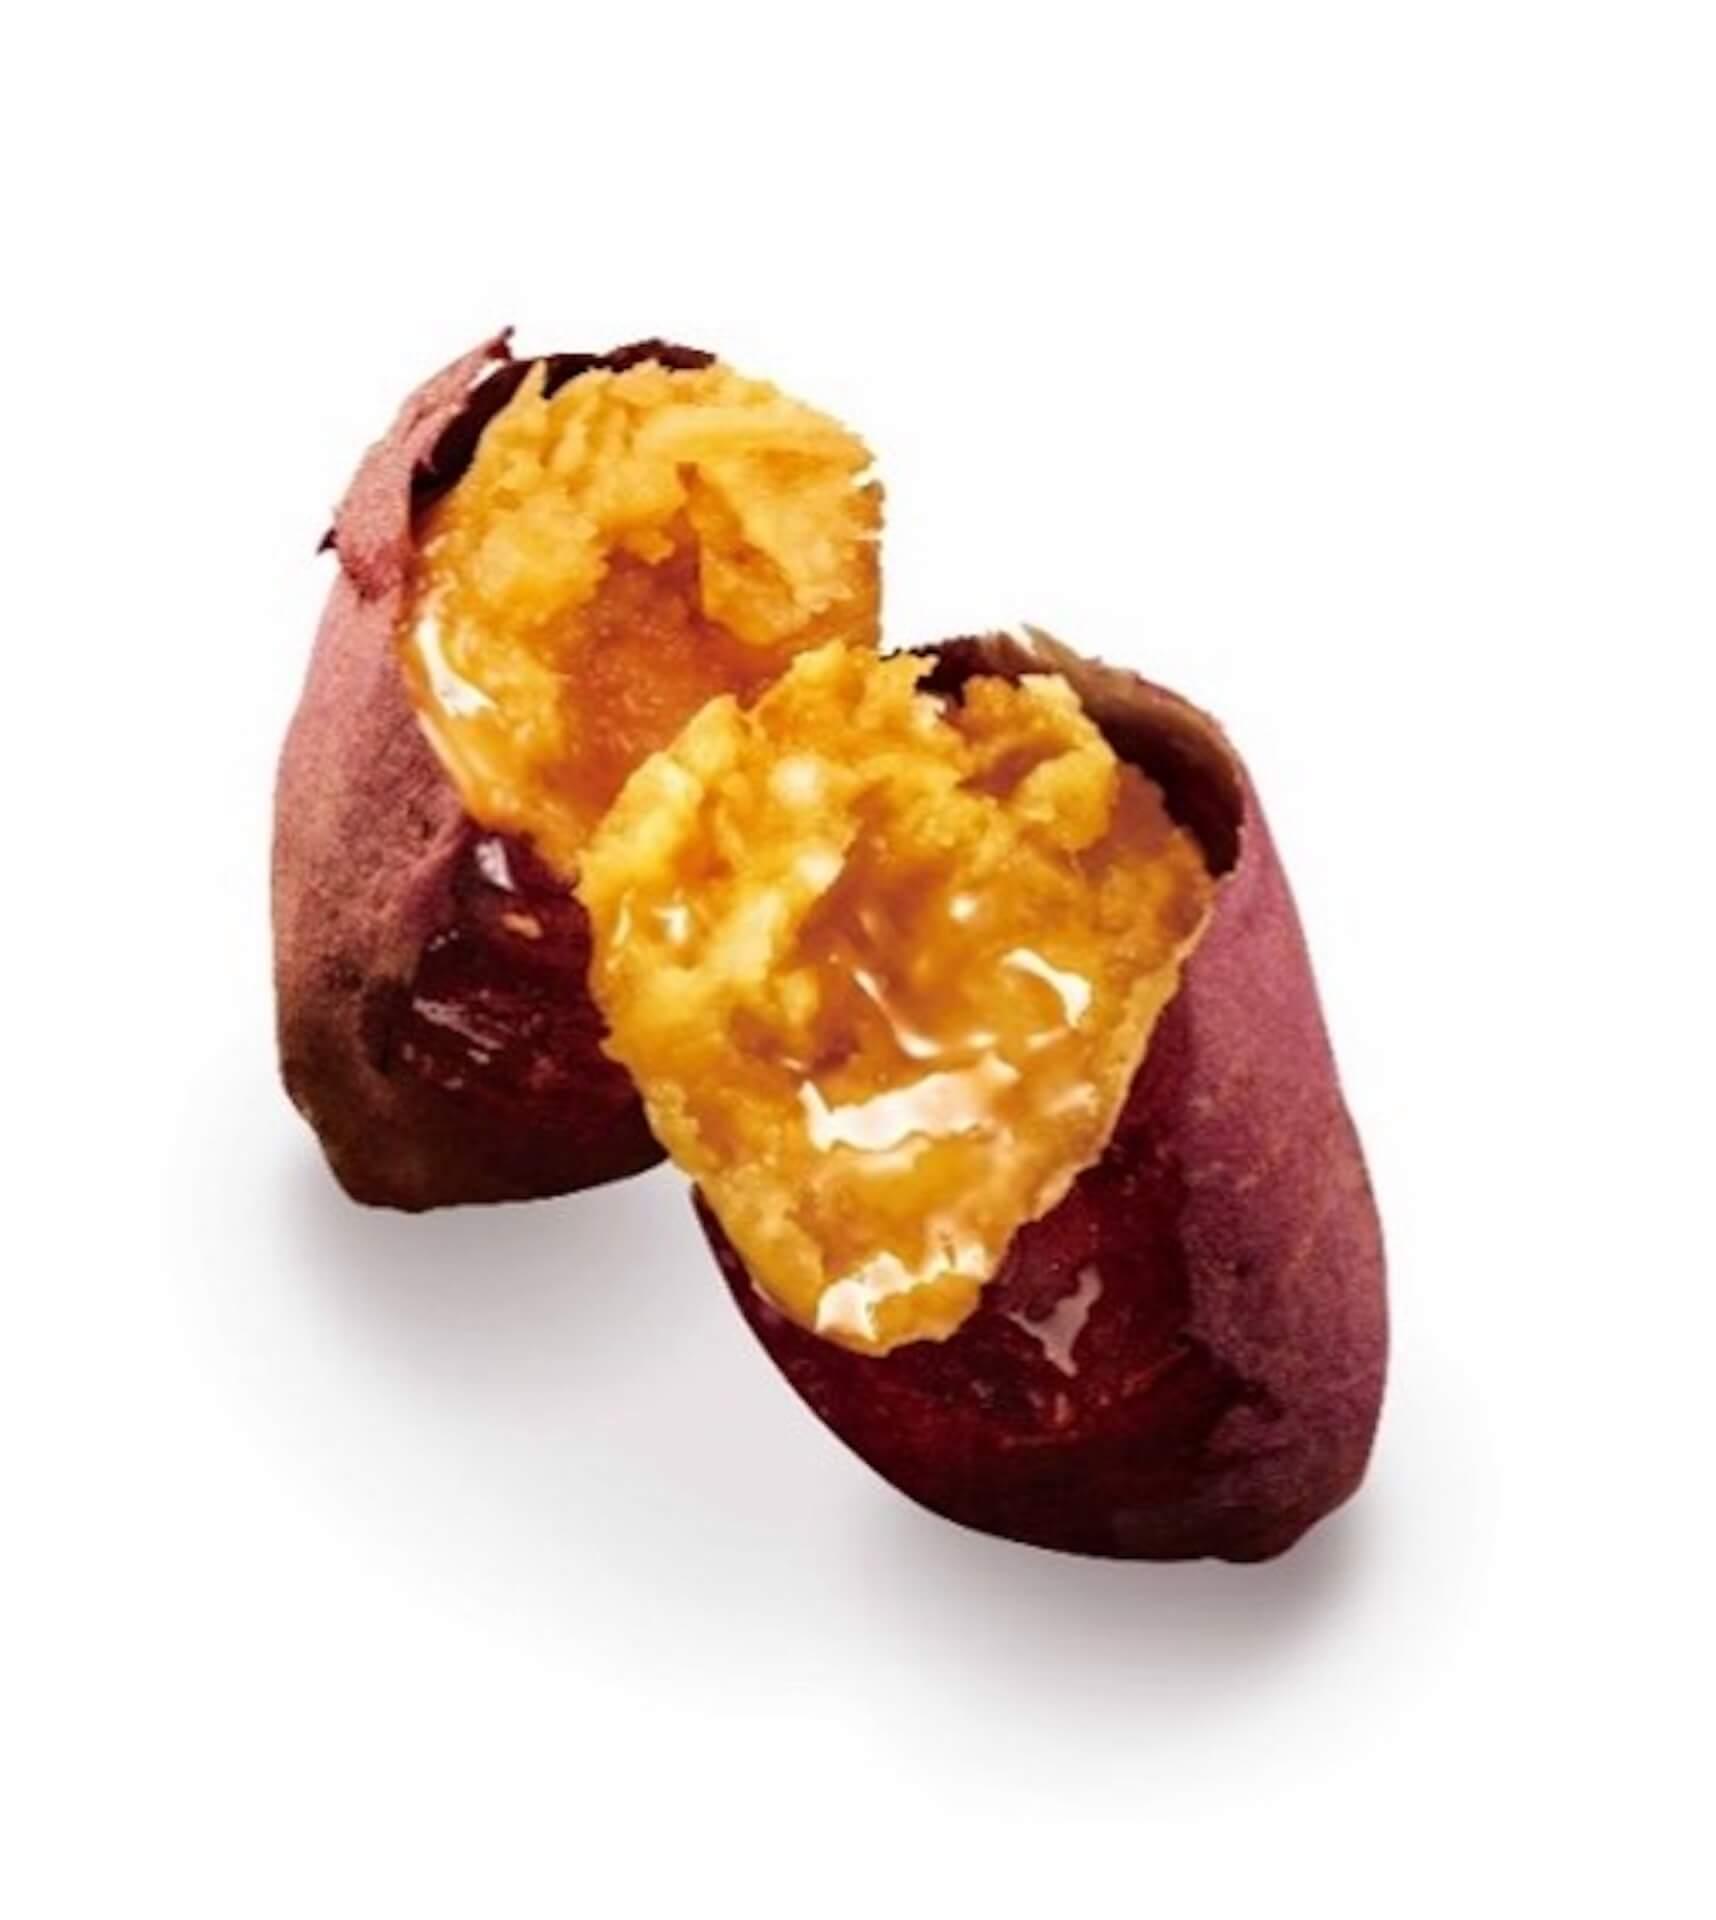 """秋の風味をハーゲンダッツで!人気の蜜芋""""紅はるか""""の味わいを堪能できるミニカップ『蜜いも』が期間限定で発売 gourmet200831_haagendazs_1"""